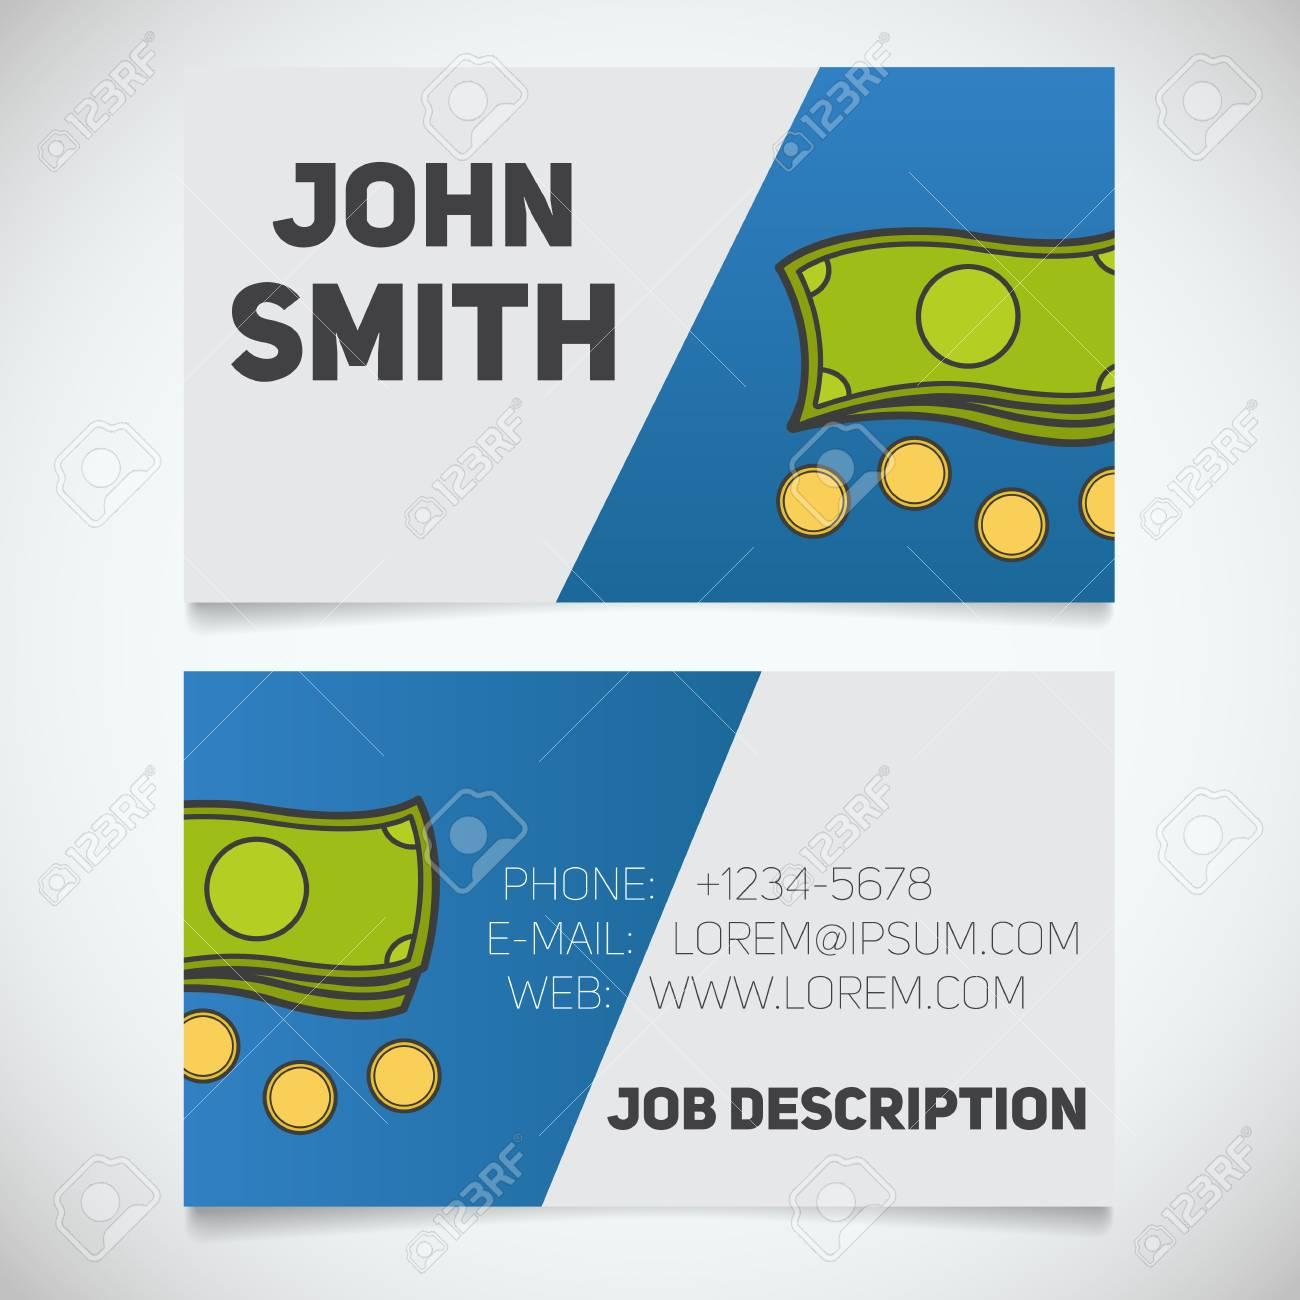 Modle De Carte Visite Avec Le Logo Cash And Coins Dition